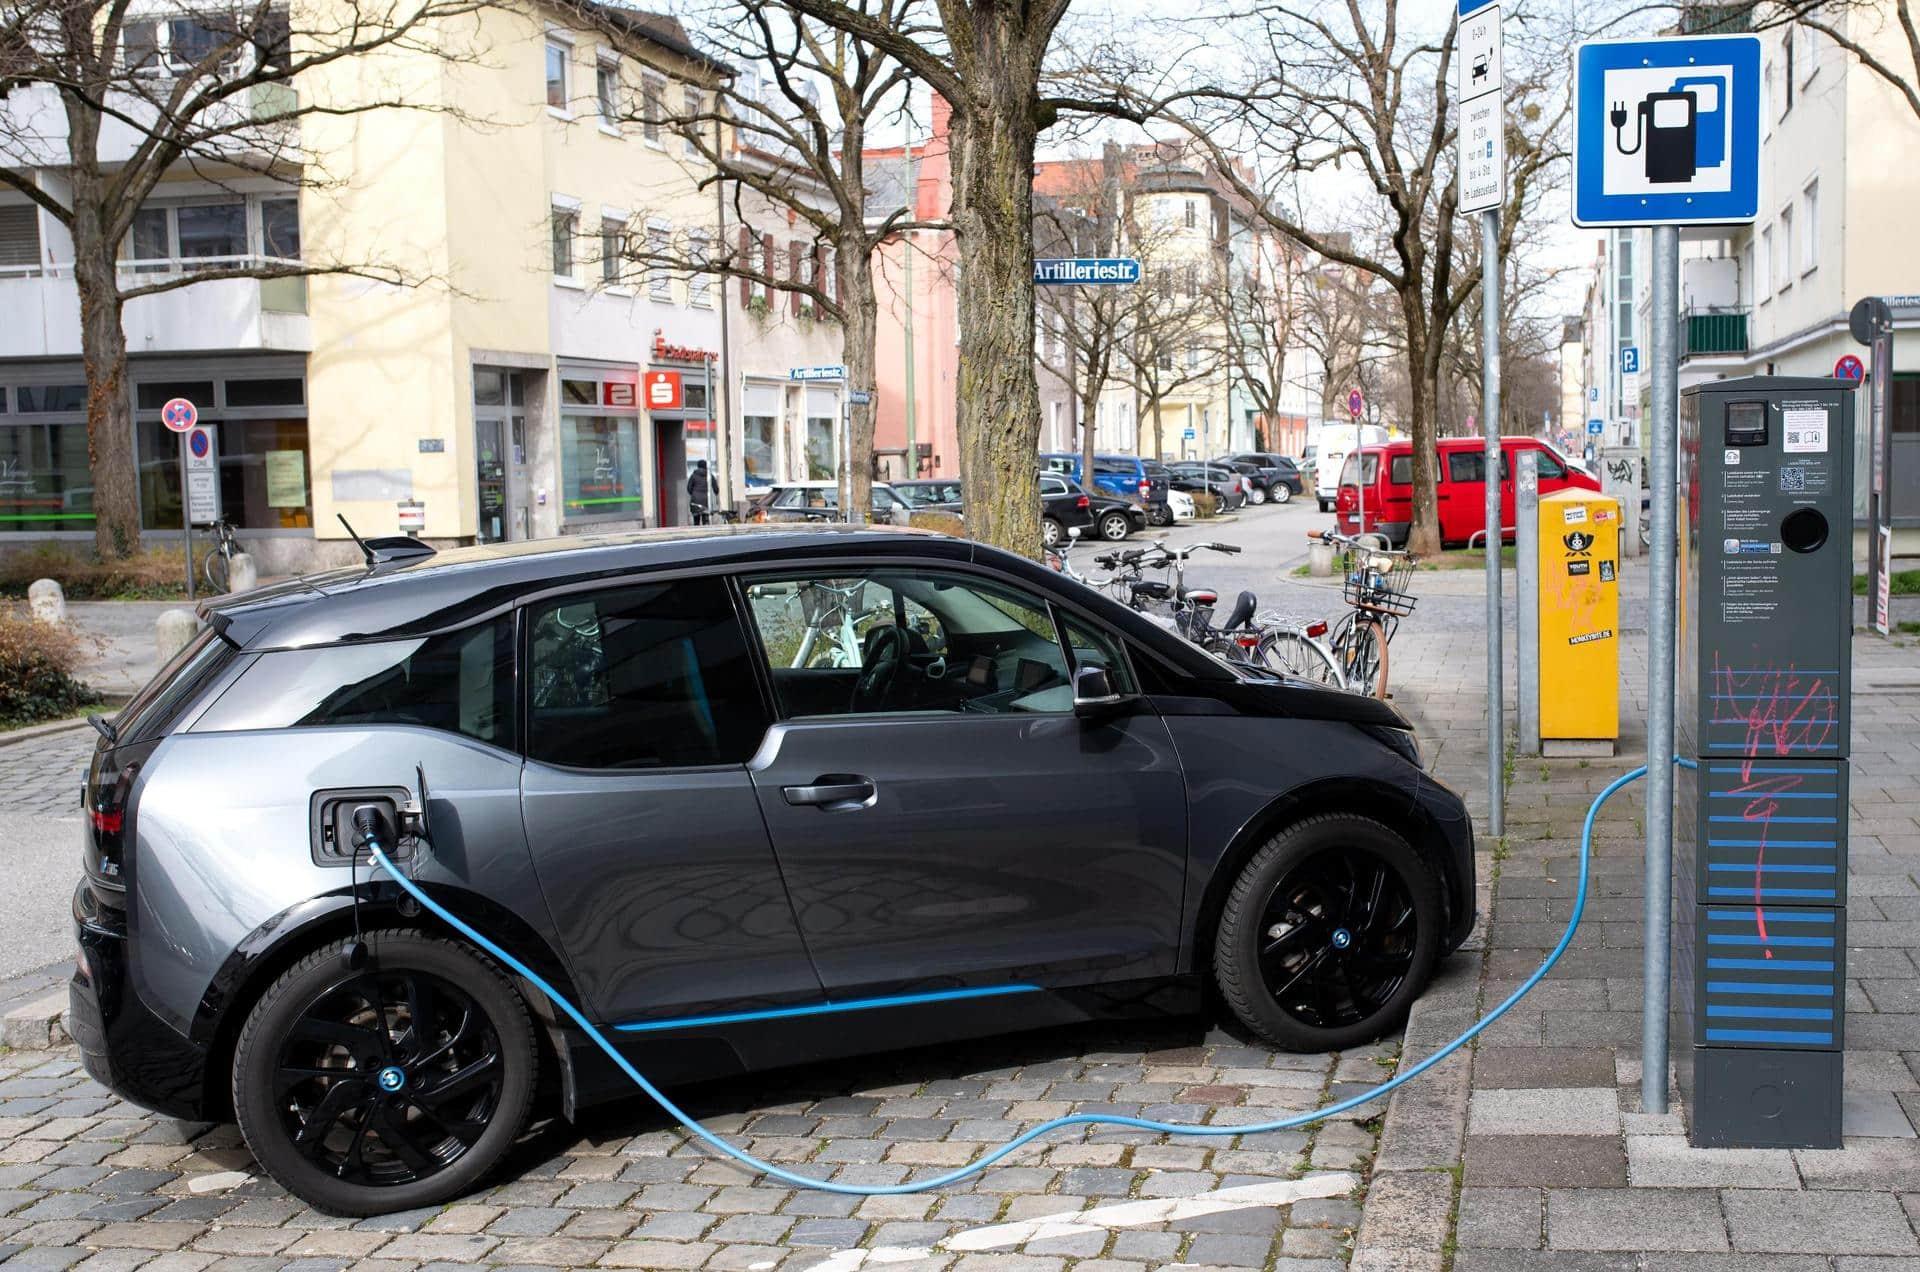 Bayern bei öffentlichen E-Ladepunkten bundesweit vorne E-Mobilität